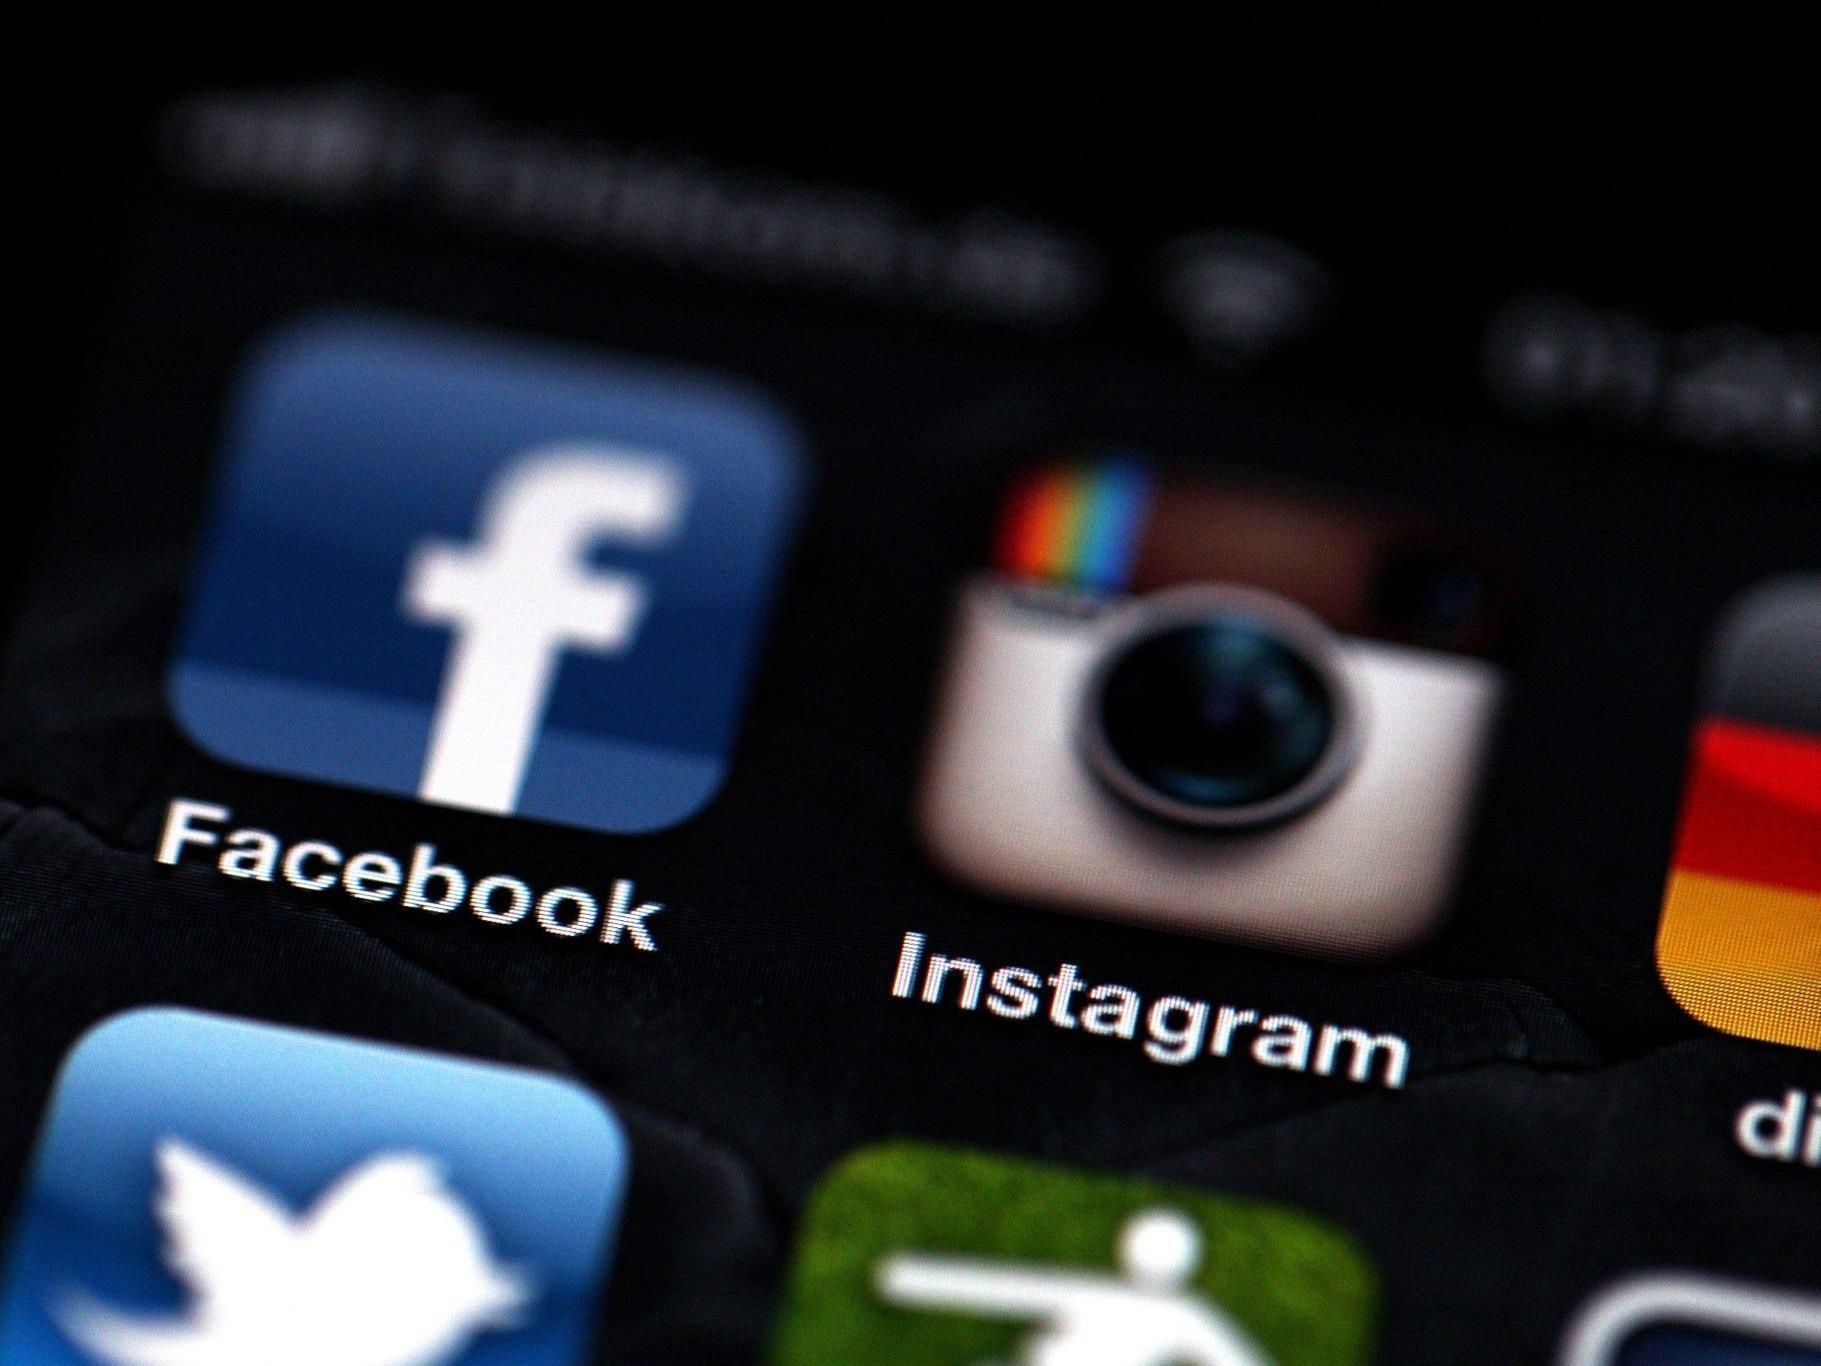 Durch Kurseinbruch der Facebook-Aktie erhalten Instagram-Gründer deutlich weniger als 1 Mrd. Dollar.